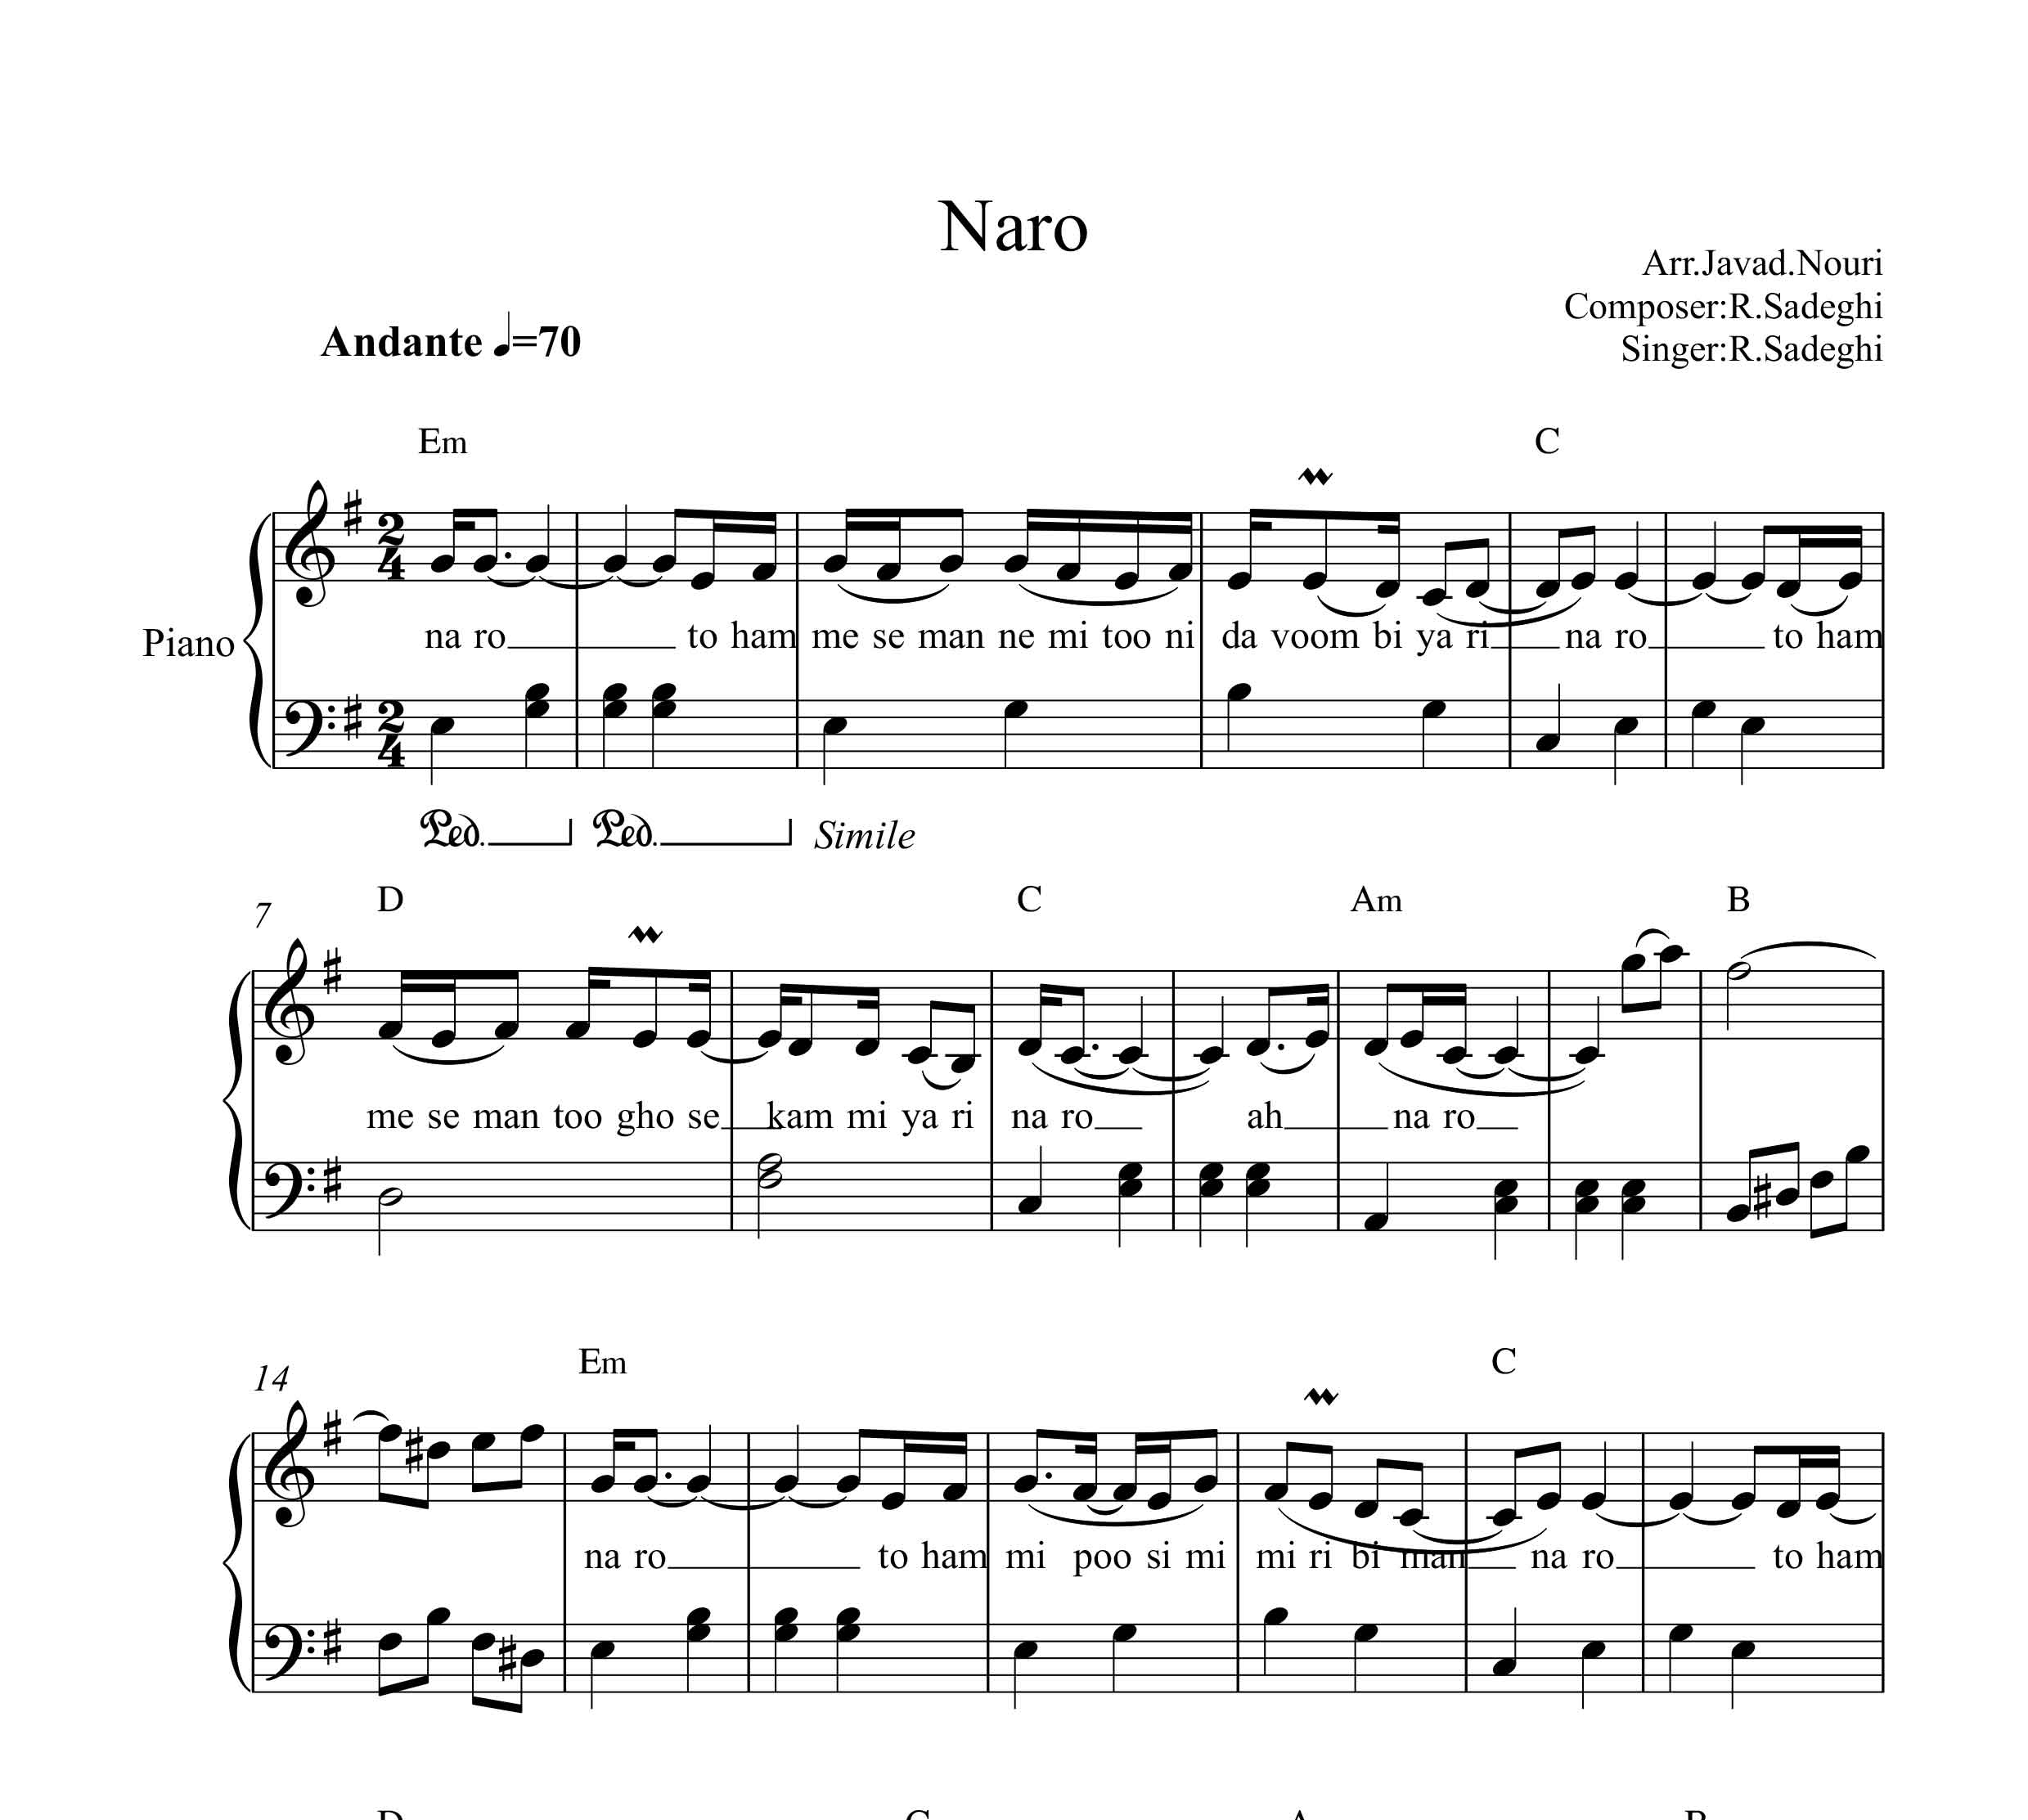 نت پیانوی نرو از رضا صادقی به همراه آکورد